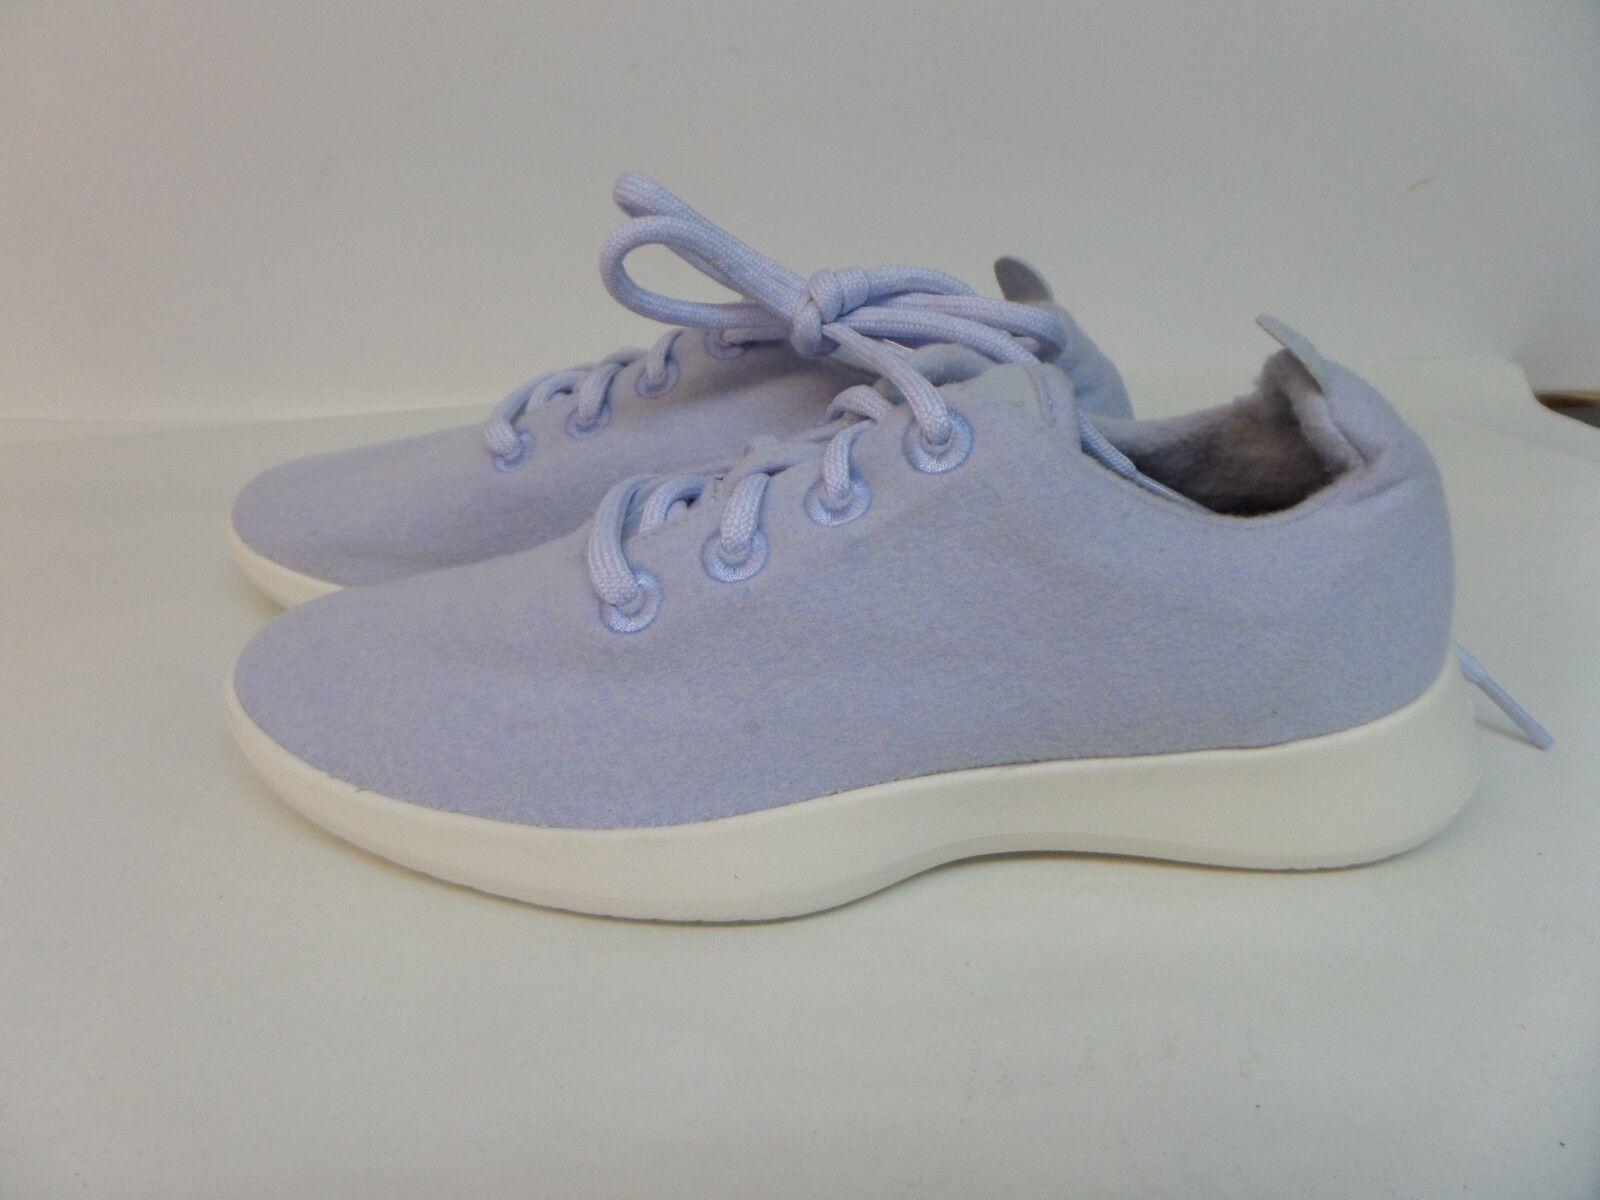 Allbirds Femme Laine Patins Chaussures Bleu Clair avec semelle blanche taille 10